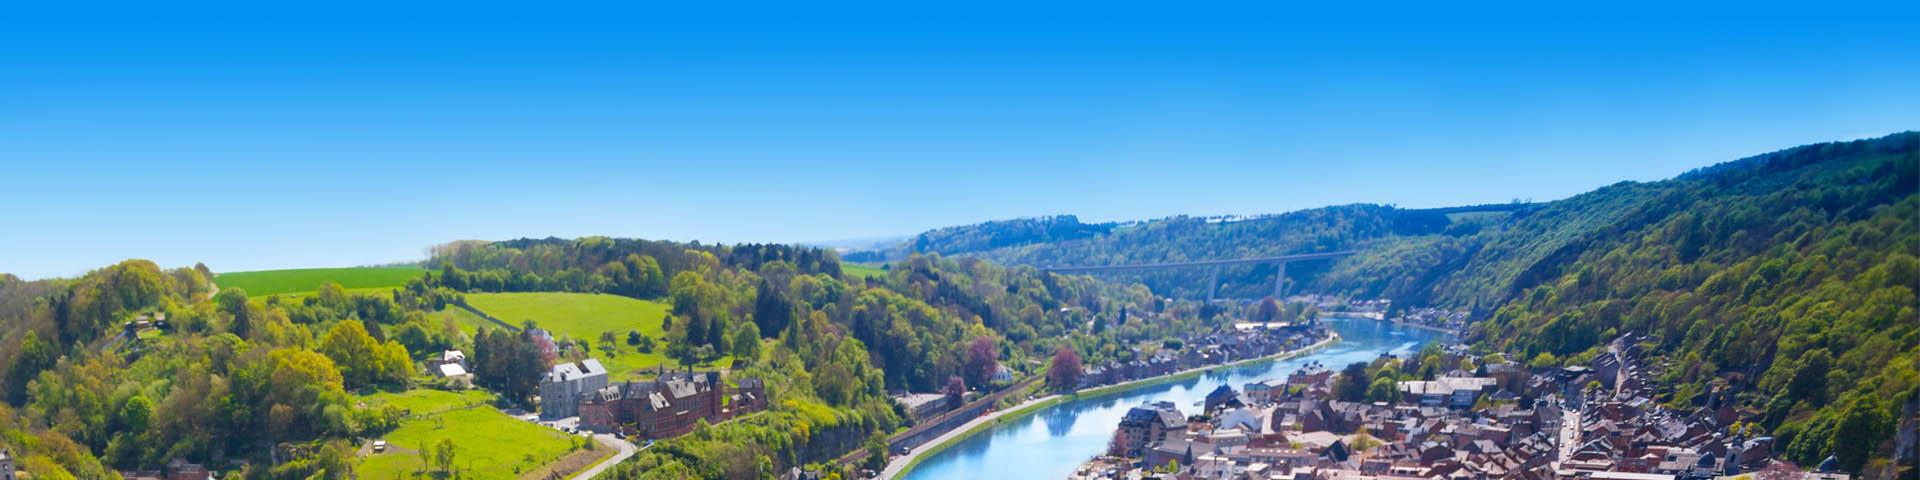 Uitzicht over groen heuvelachtig landschap met rivier dat door een stad loopt in België